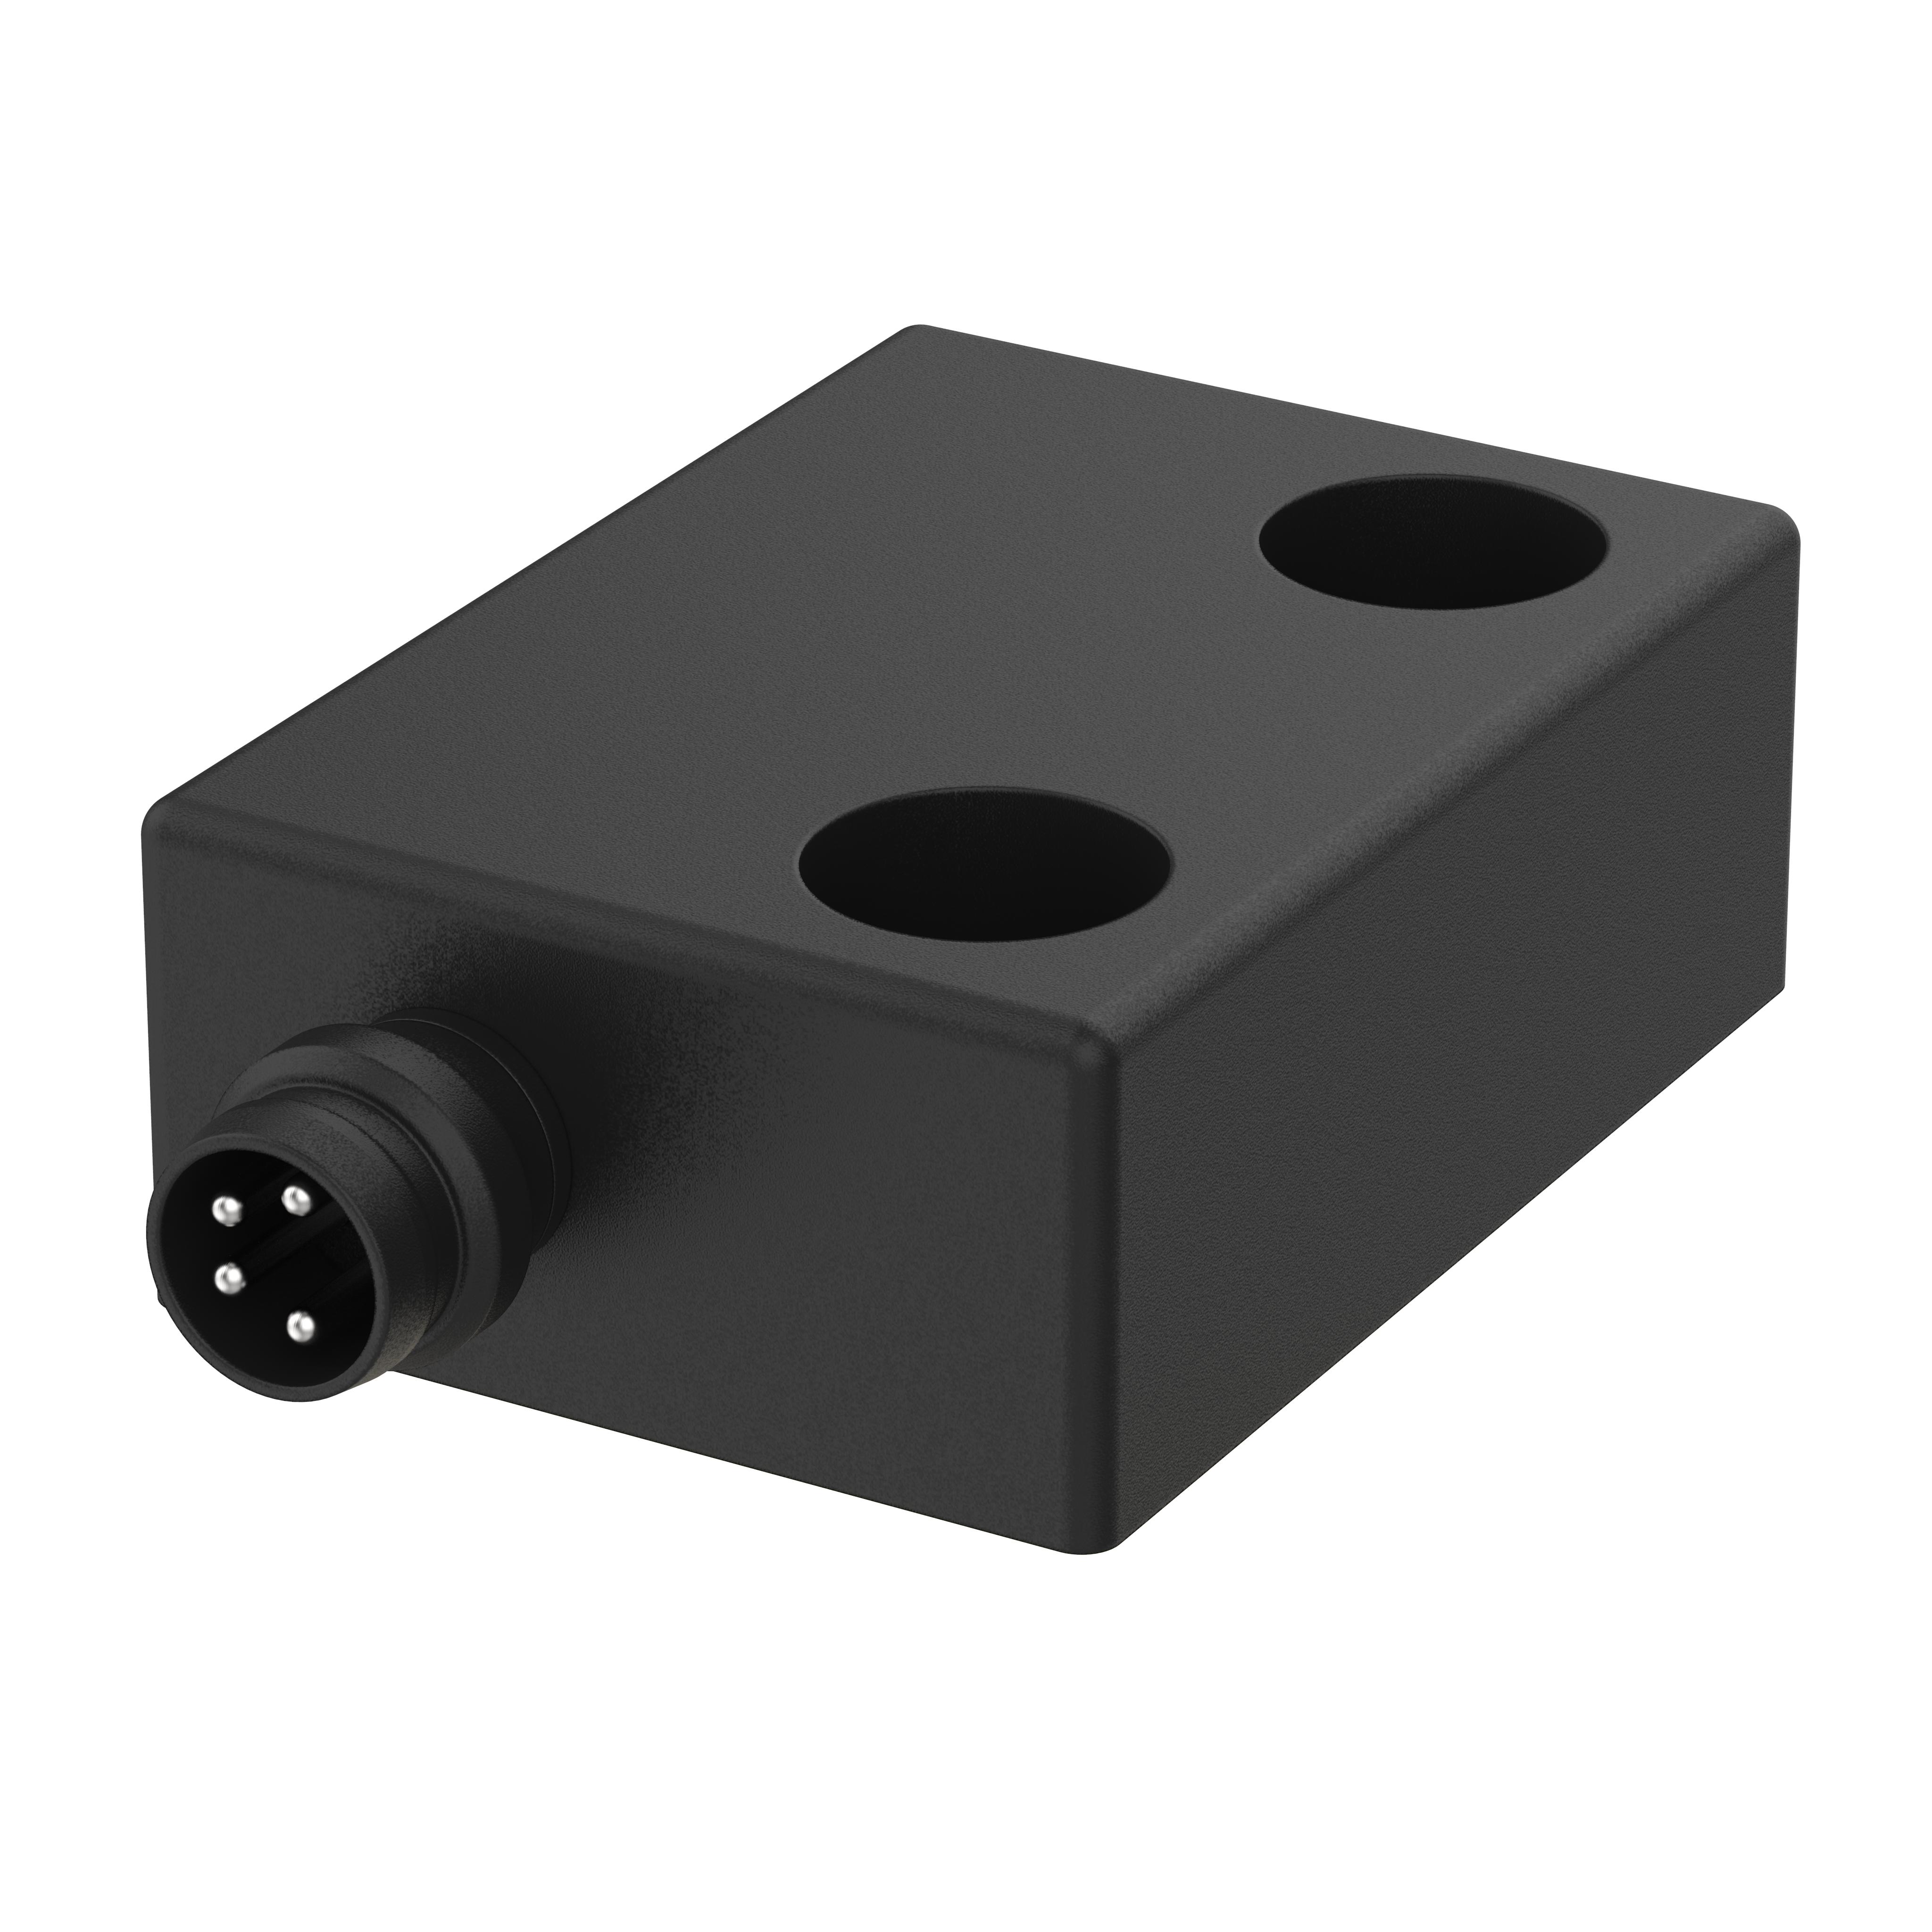 Sicherheitssensor - 153270SA0D - magnetisch betätigt - Schließer/Öffner, Einbaustecker M8